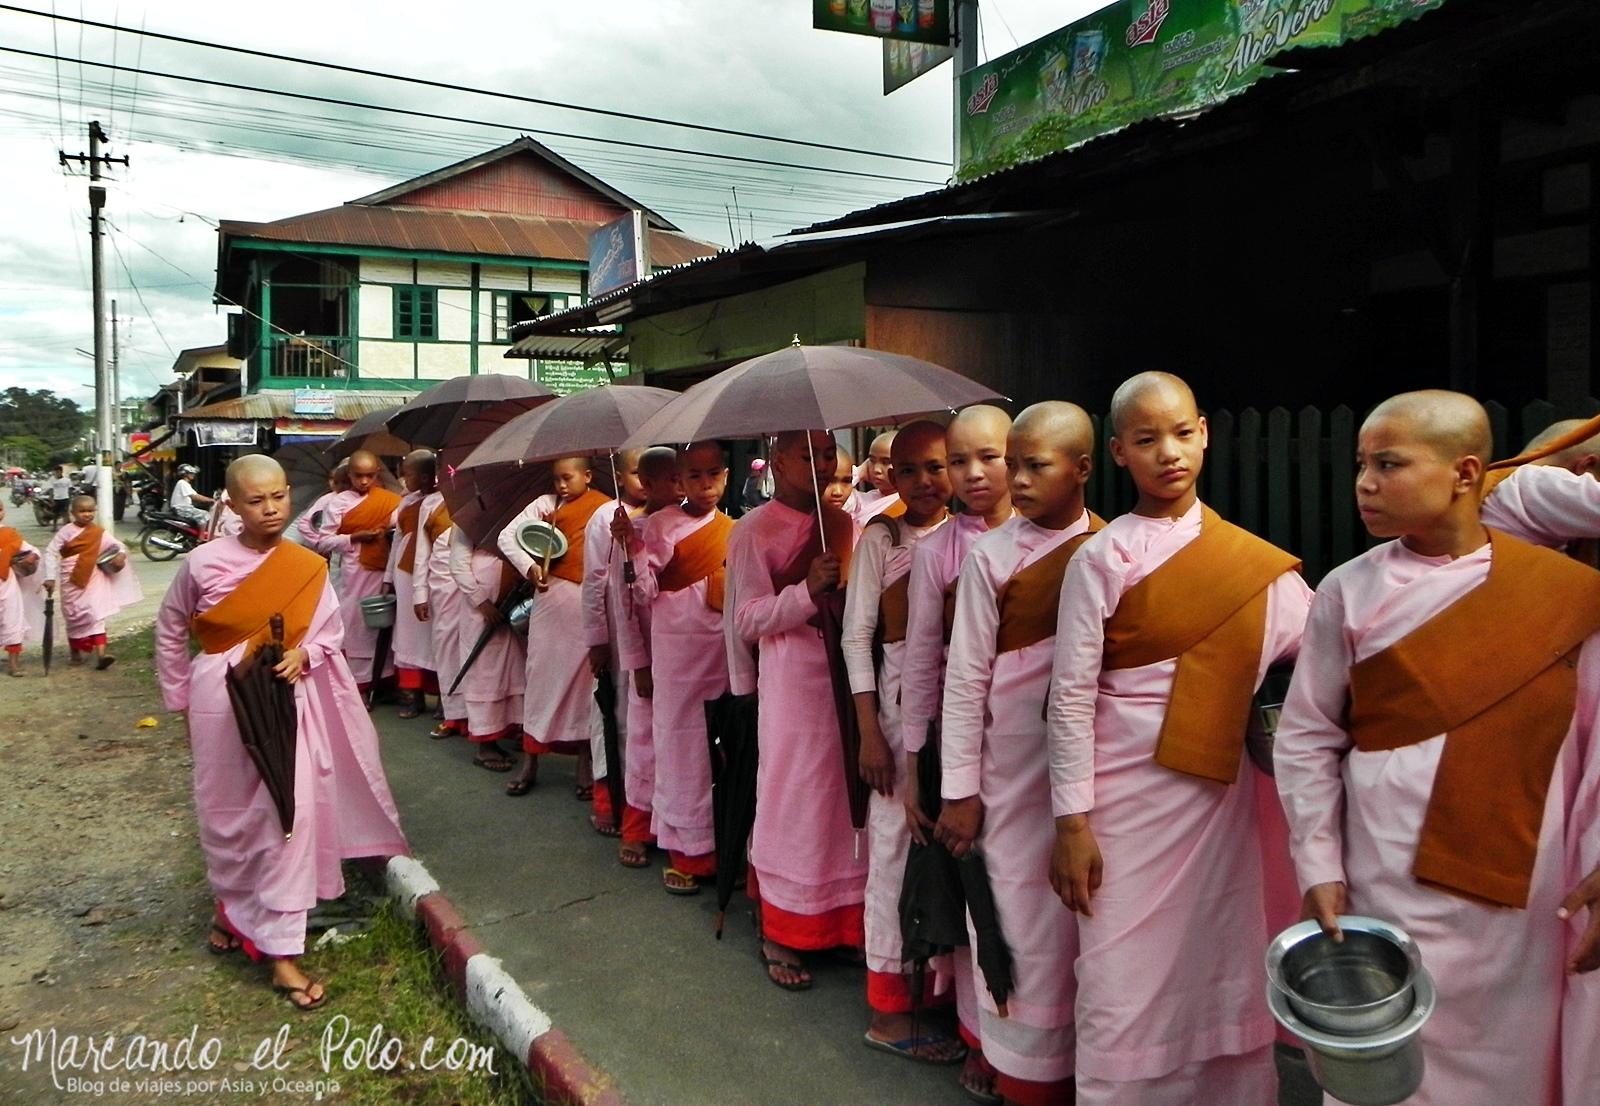 Monjas ofrendas matutinas - Curiosidades de Myanmar